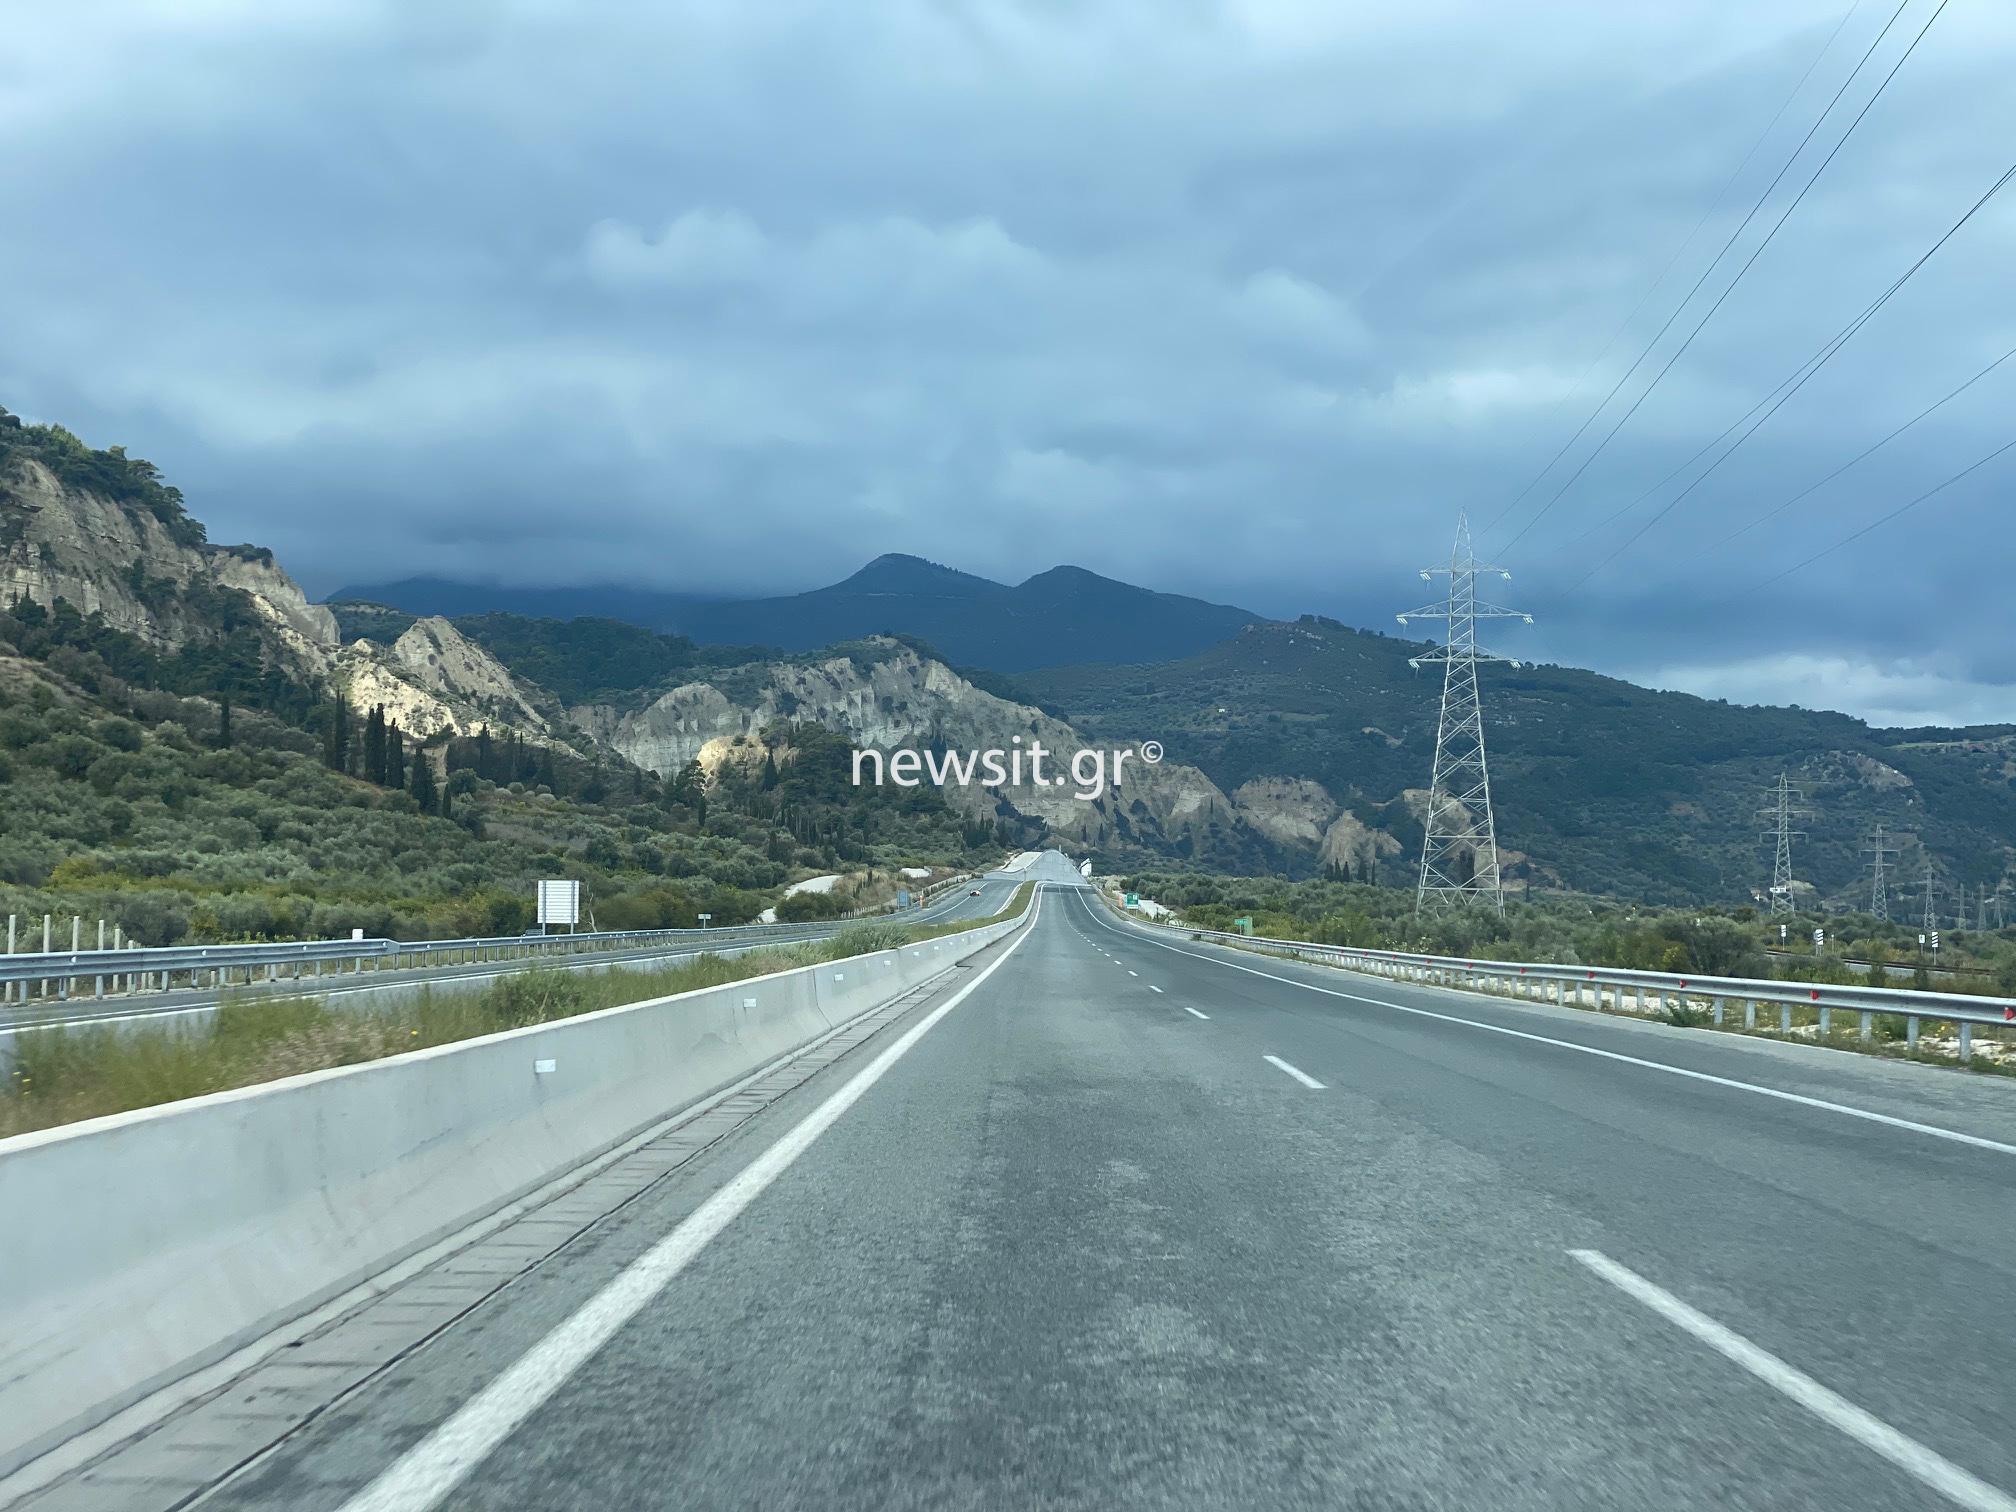 Αθήνα – Πρέβεζα και «ψυχή» στην εθνική οδό